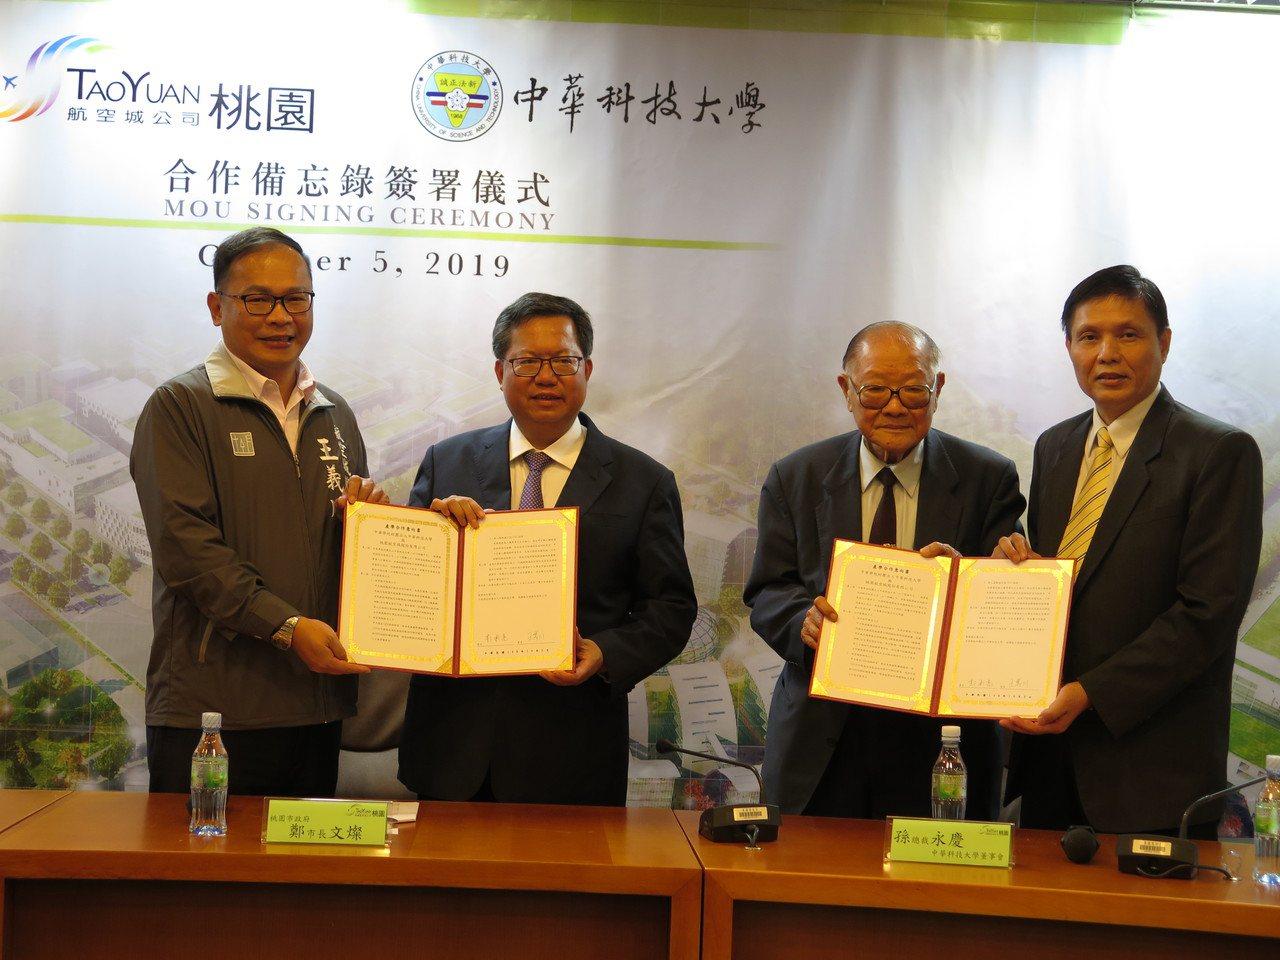 桃園航空城公司與中華科大簽MOU 攜手航太人才培育